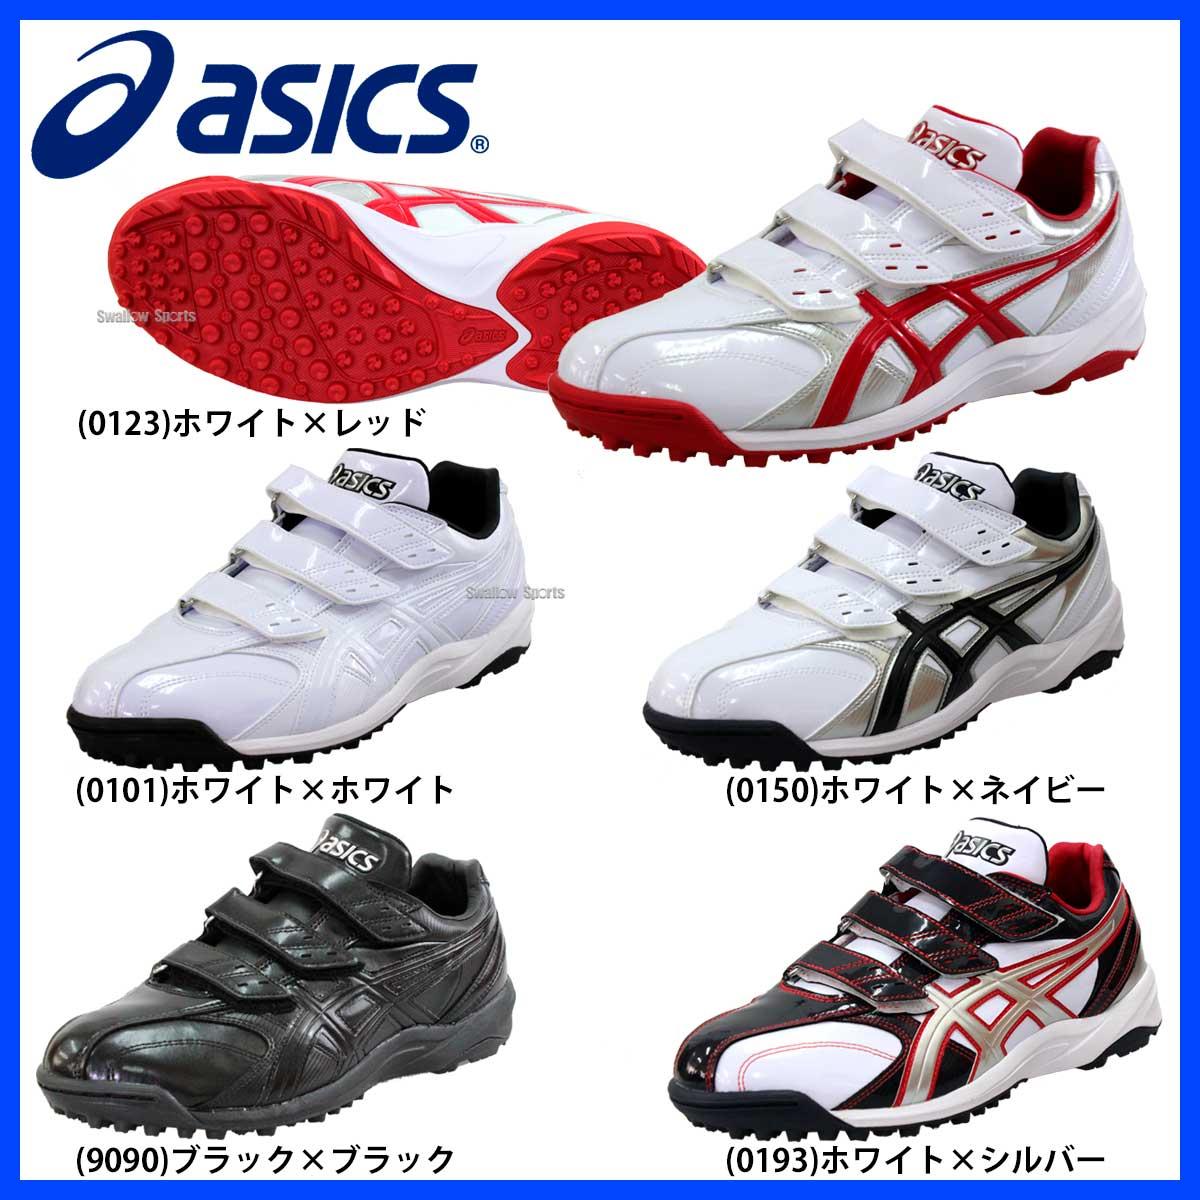 【あす楽対応】 アシックスベースボール トレーニングシューズ ビーミングラスター TR SFT142 野球 トレーニングシューズ スポーツ 野球 靴 野球用品 スワロースポーツ